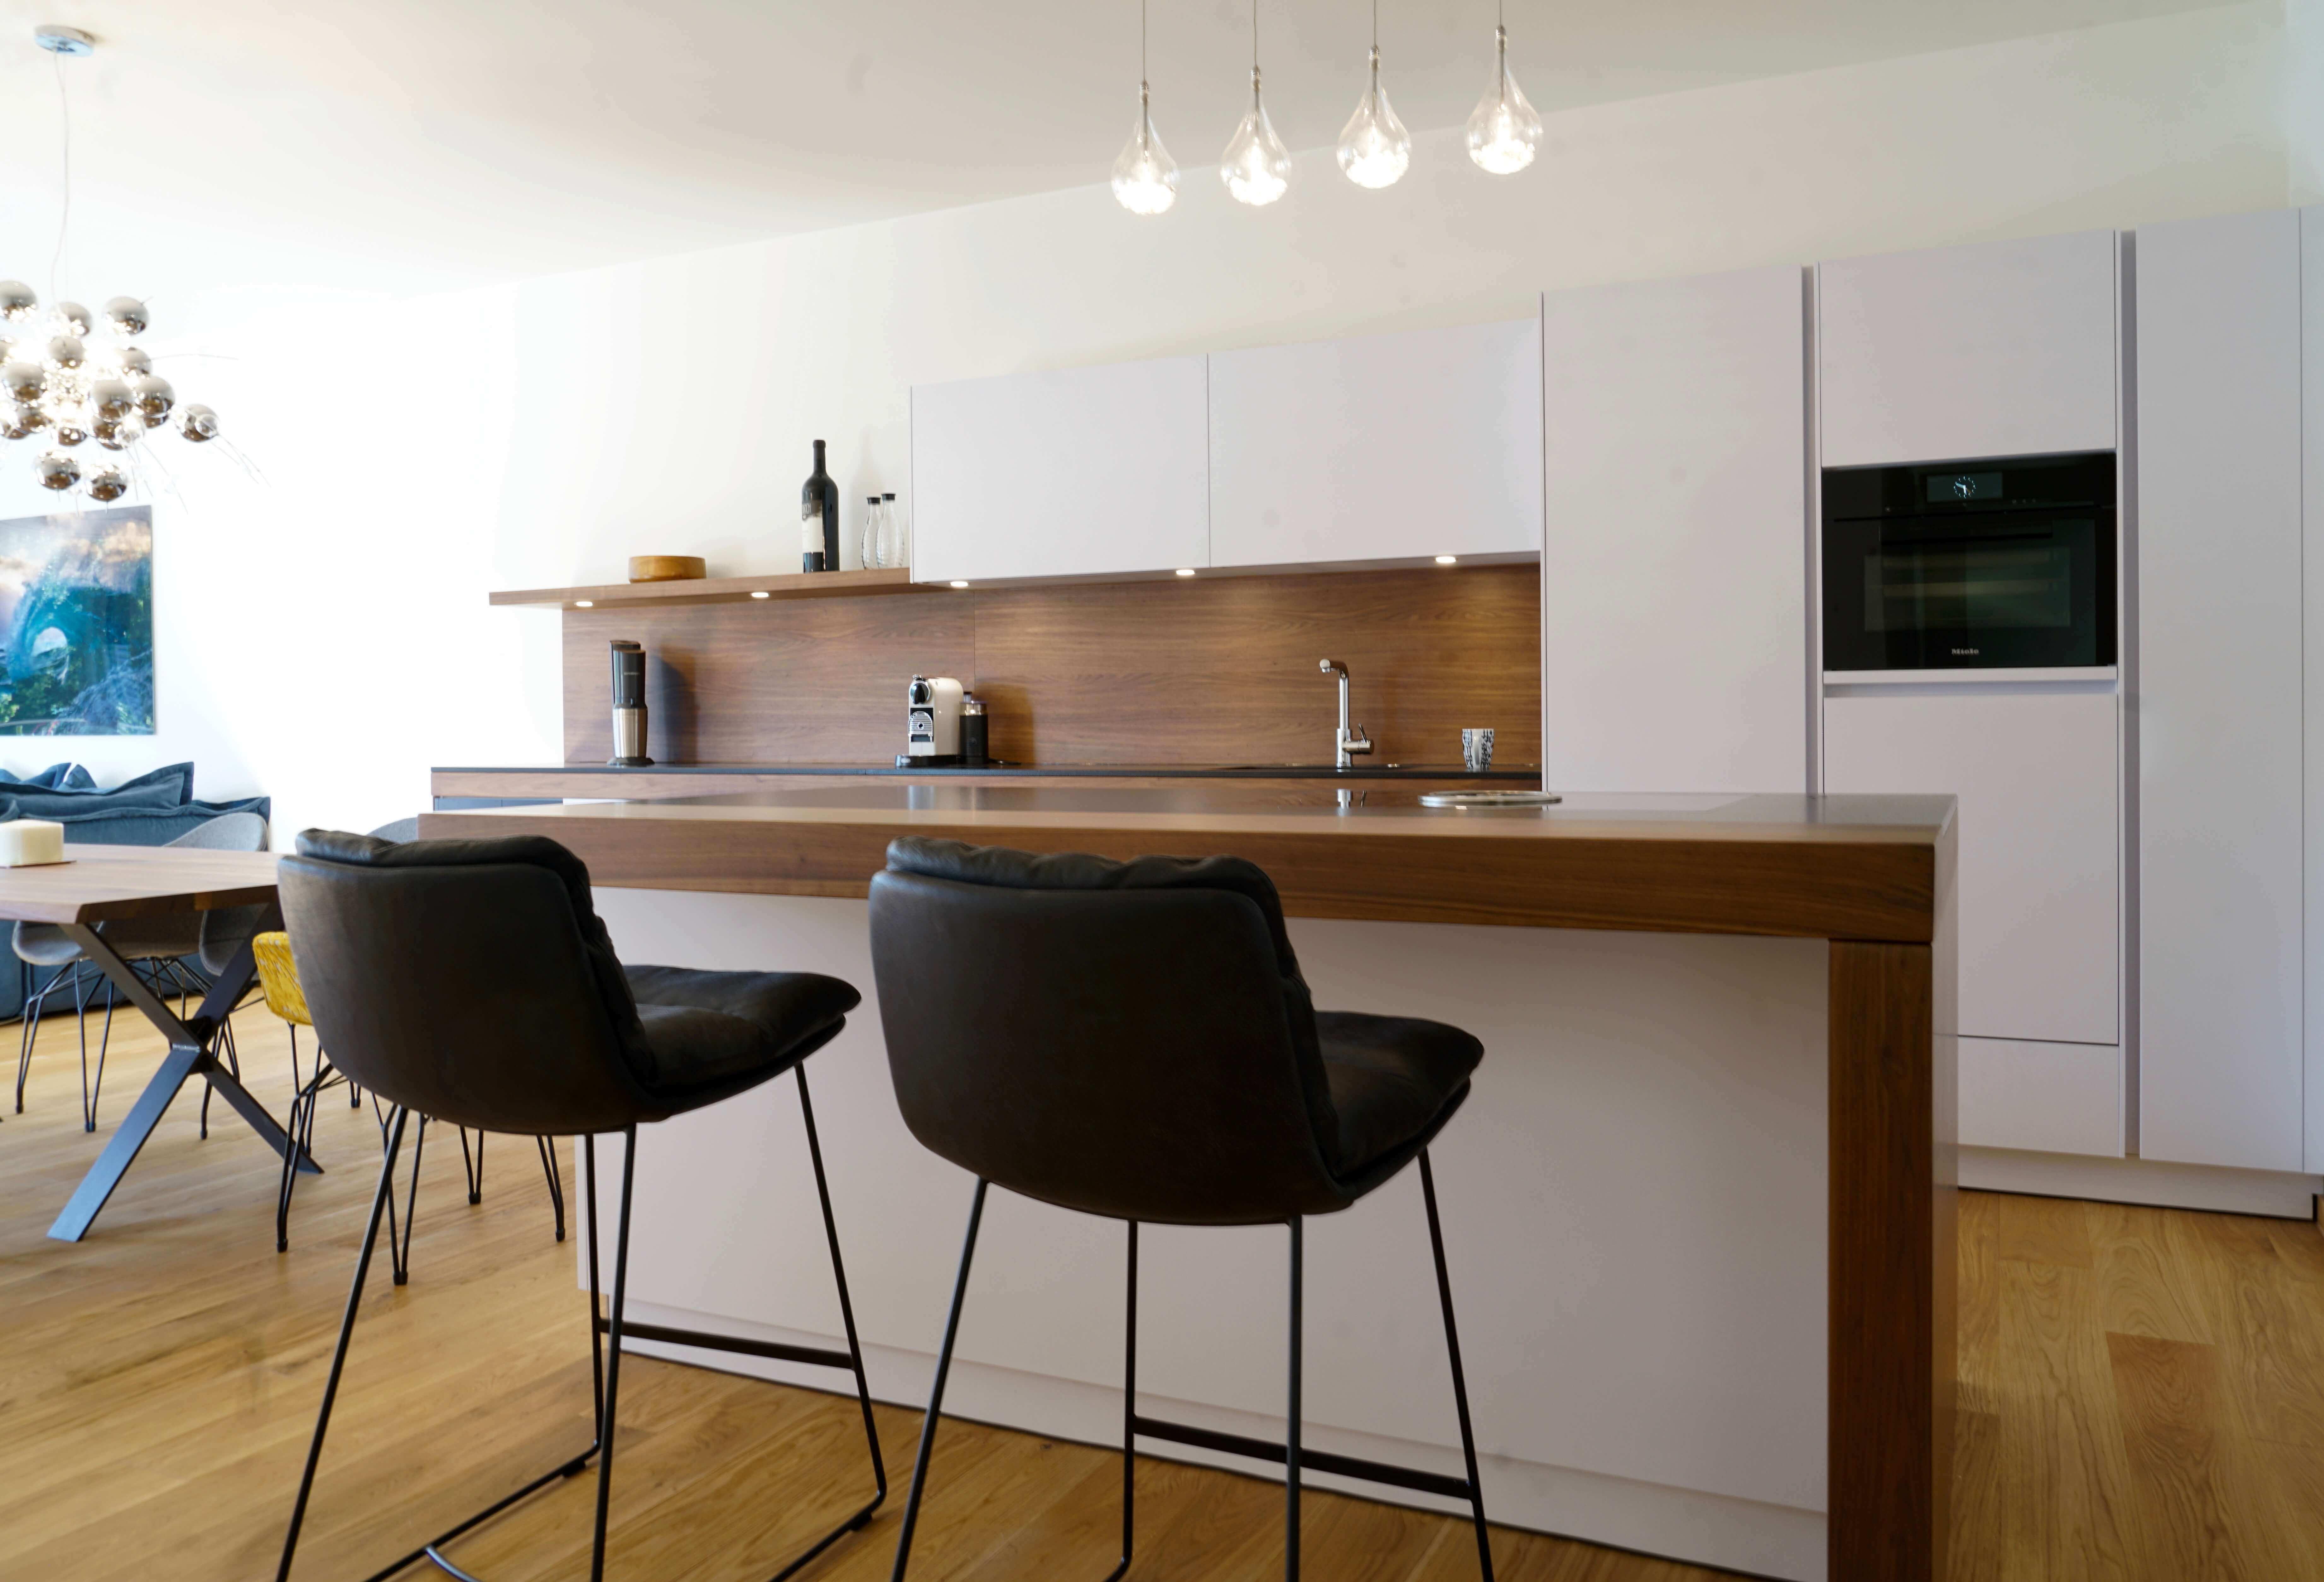 Küche mit Bar und Stühlen weiß